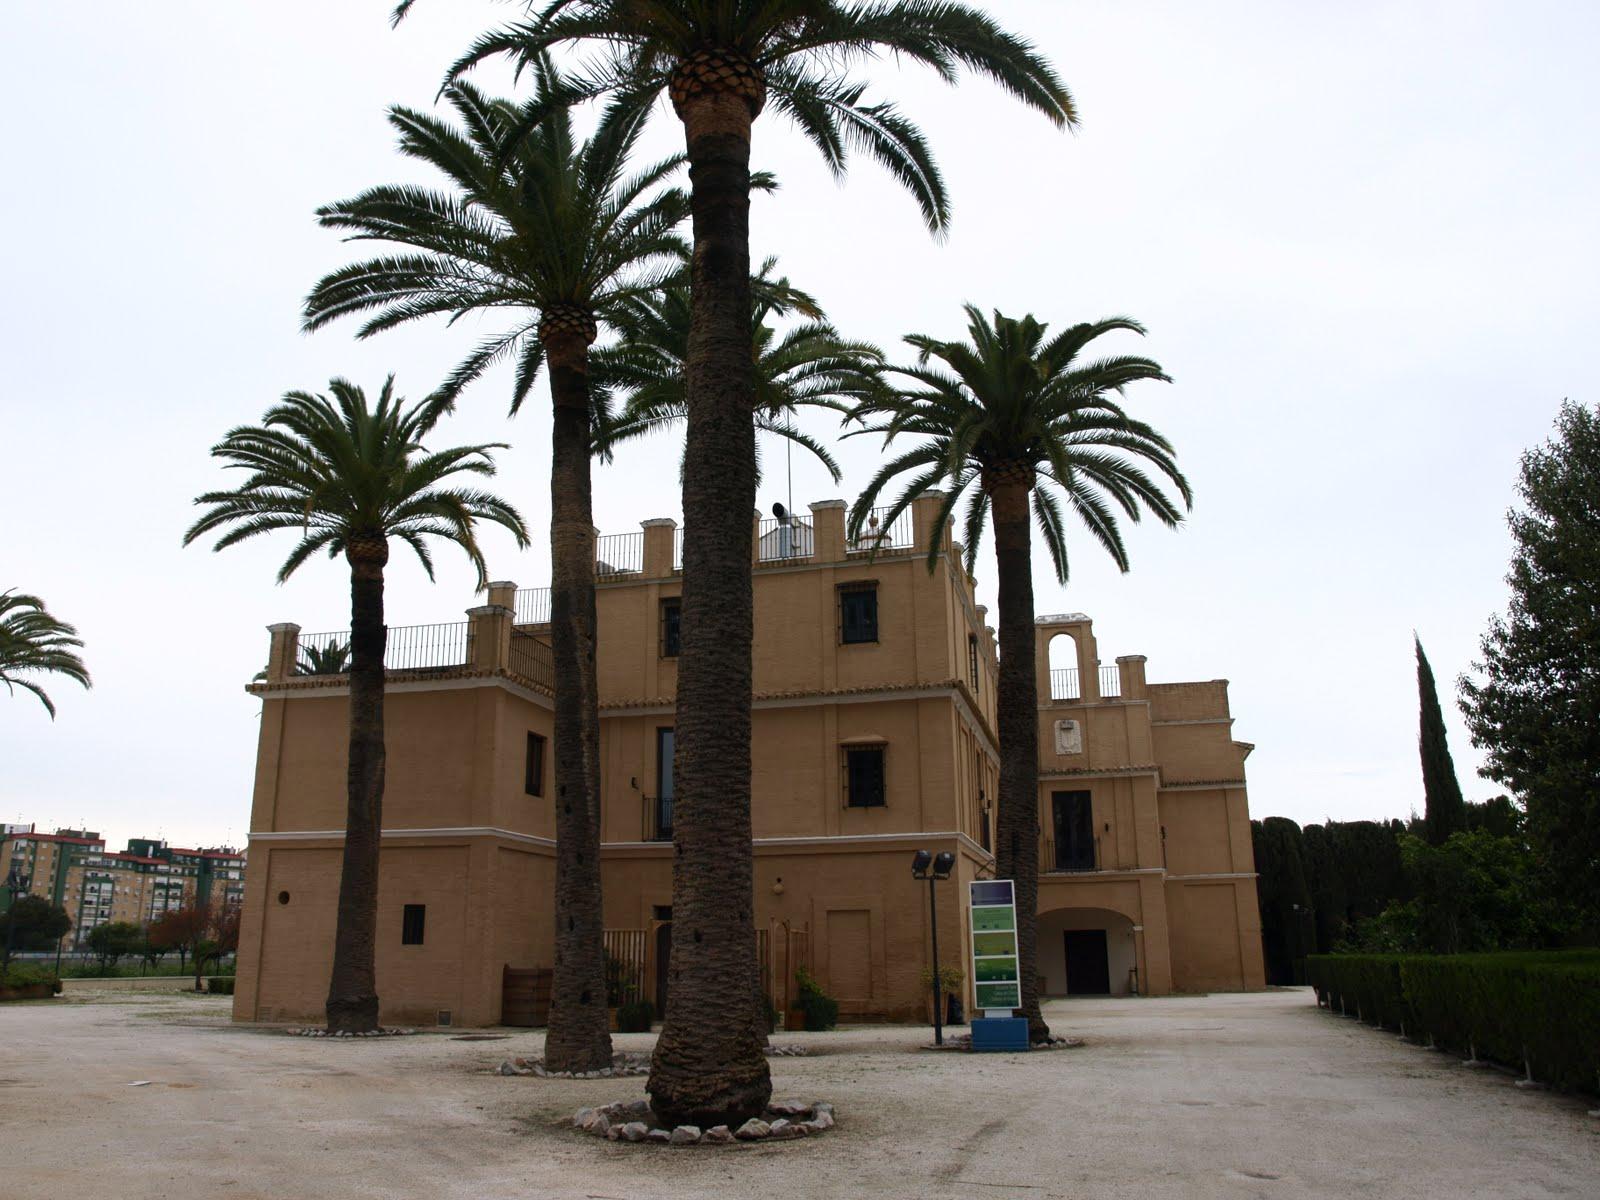 Sevilla daily photo la hacienda su eminencia - Hacienda la boticaria sevilla ...